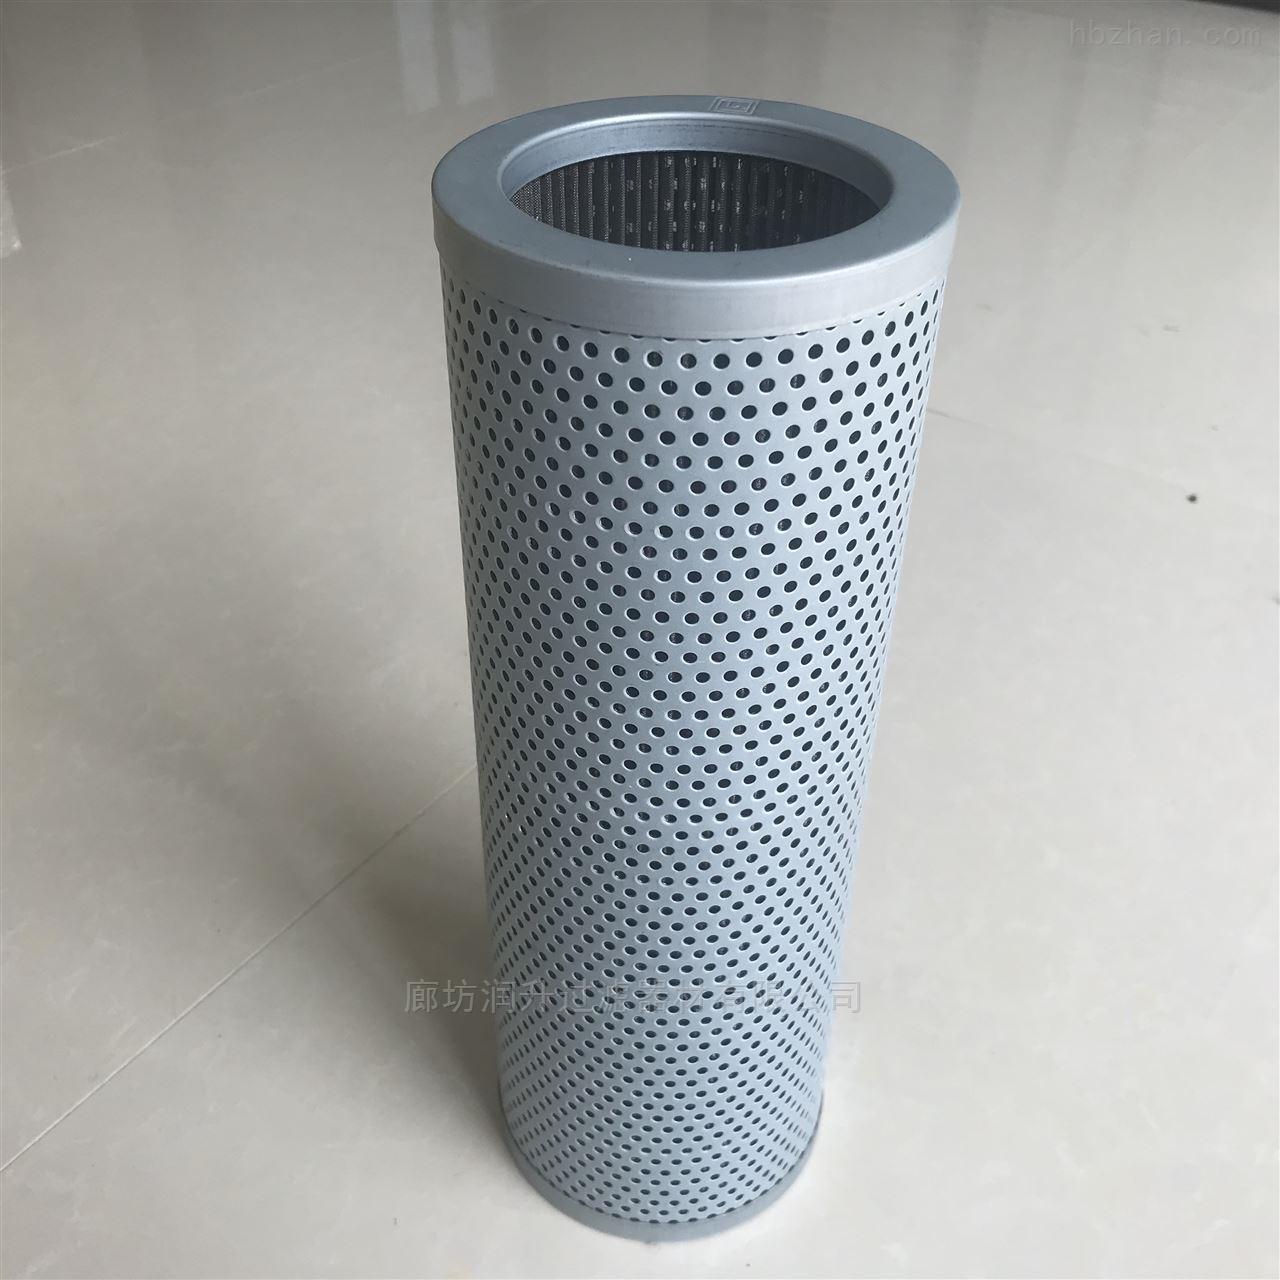 萍乡DFM40PP005A01滤芯报价